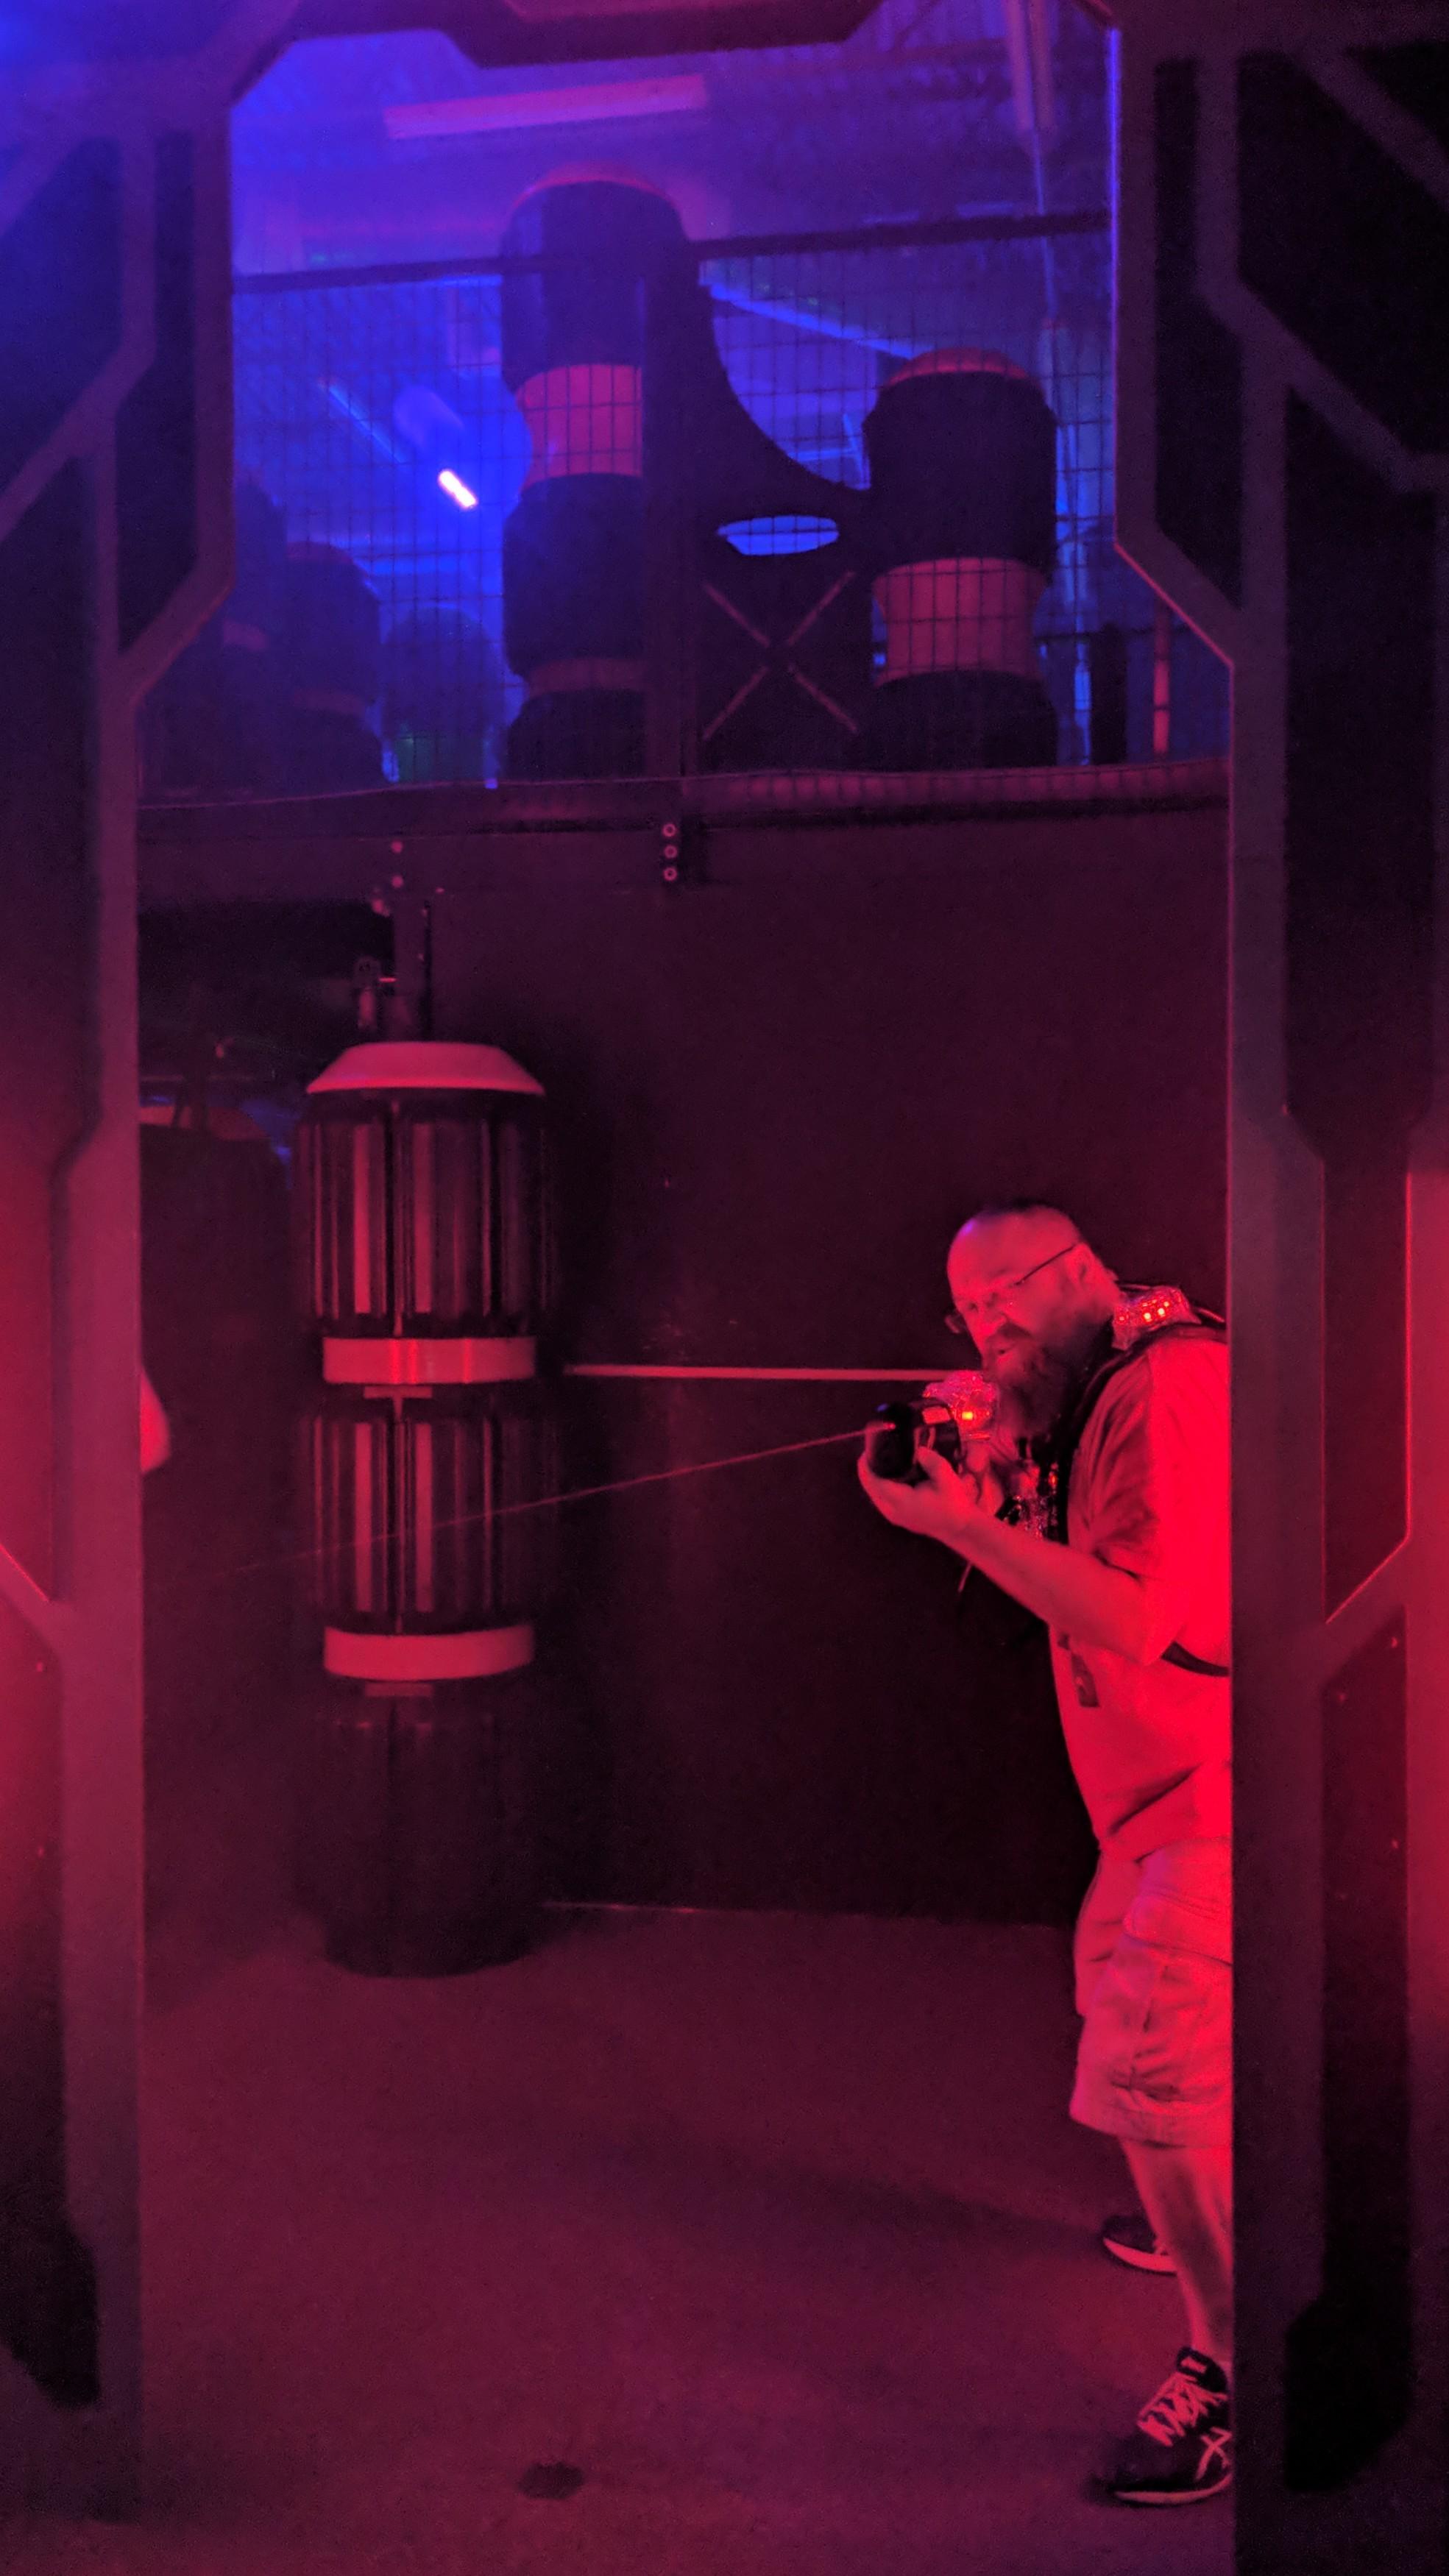 Taking on Lasertron at XtremeCraze Woburn